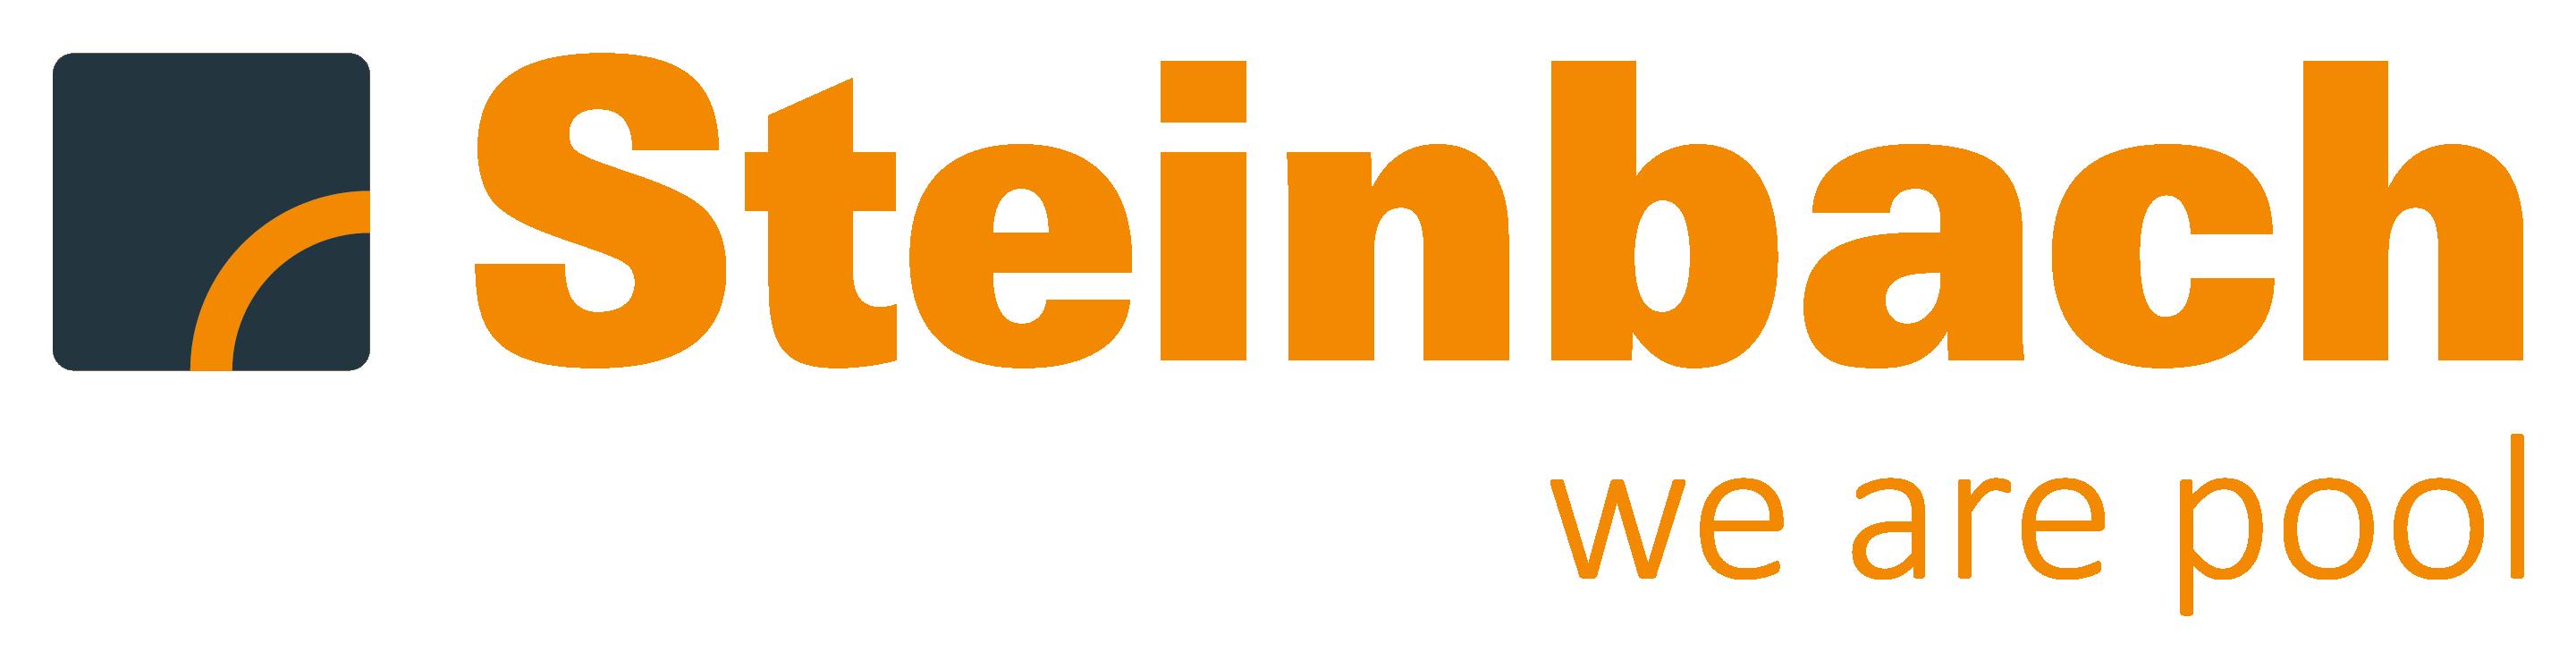 Steinbach Helpdesk